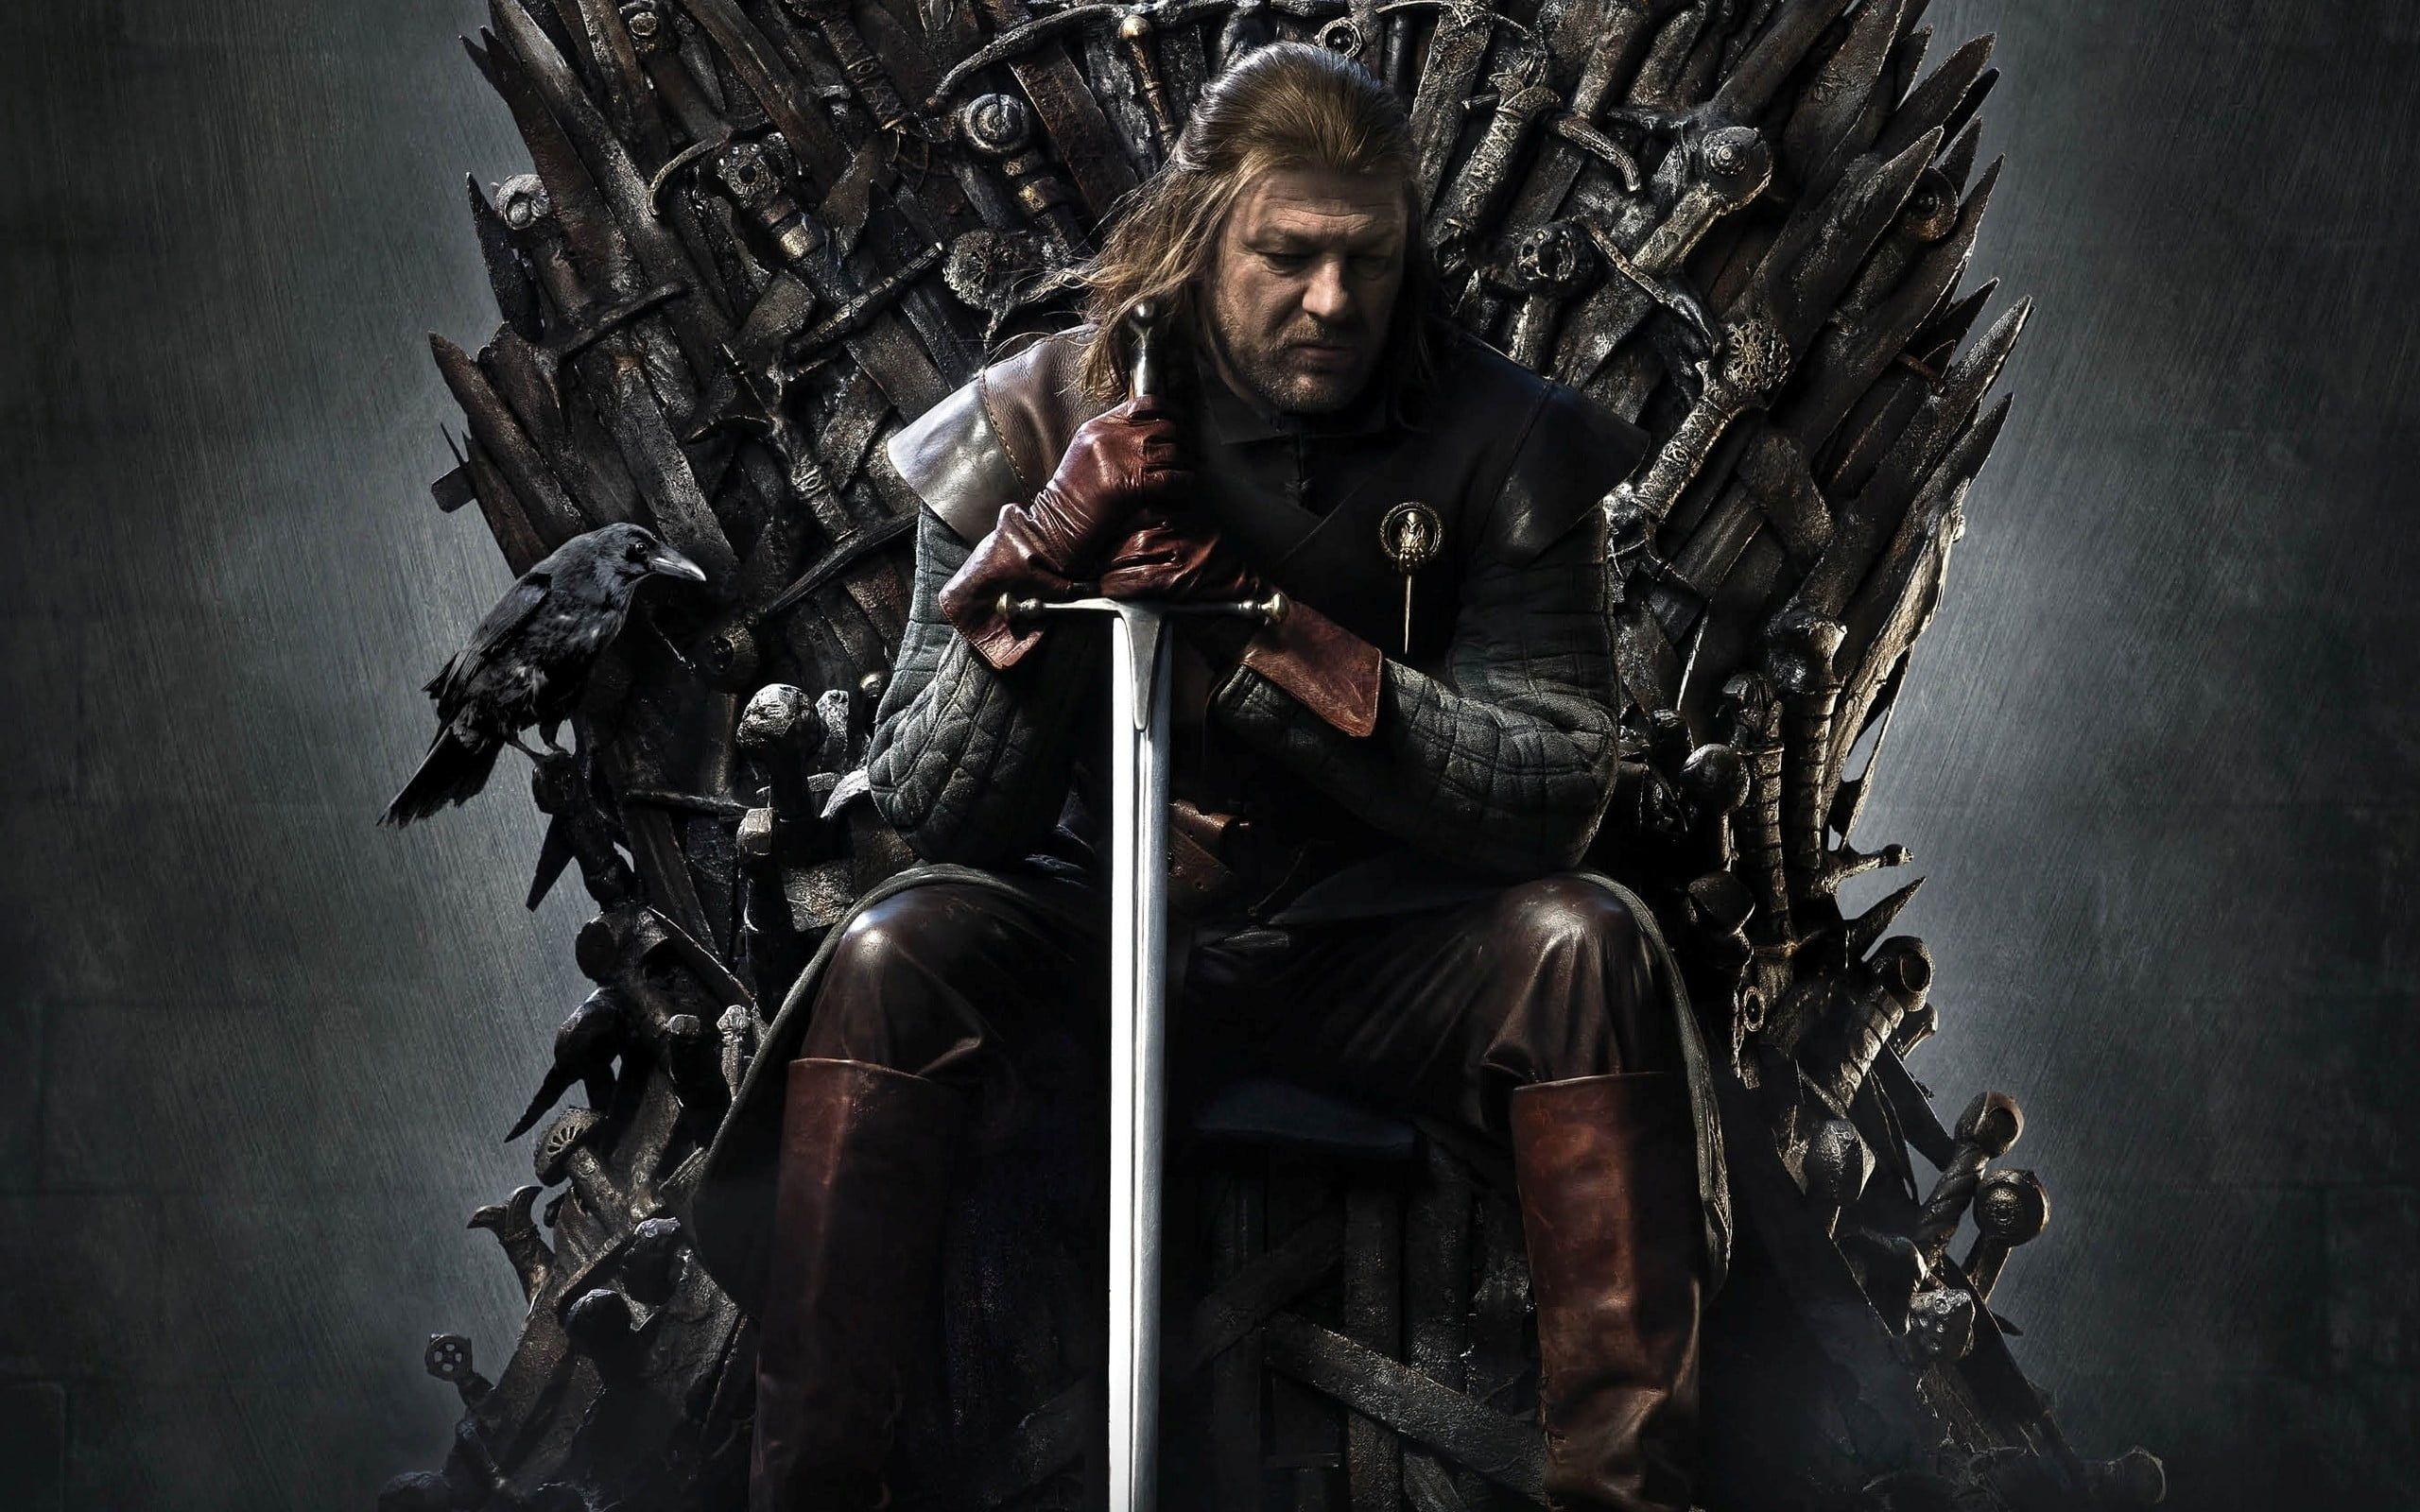 Led Stark Sitting On Iron Throne Digital Wallpaper Game Of Thrones Tv Ned Stark 2k Wallpaper Hdwallpaper Desktop Game Of Thrones Concert Lena Headey